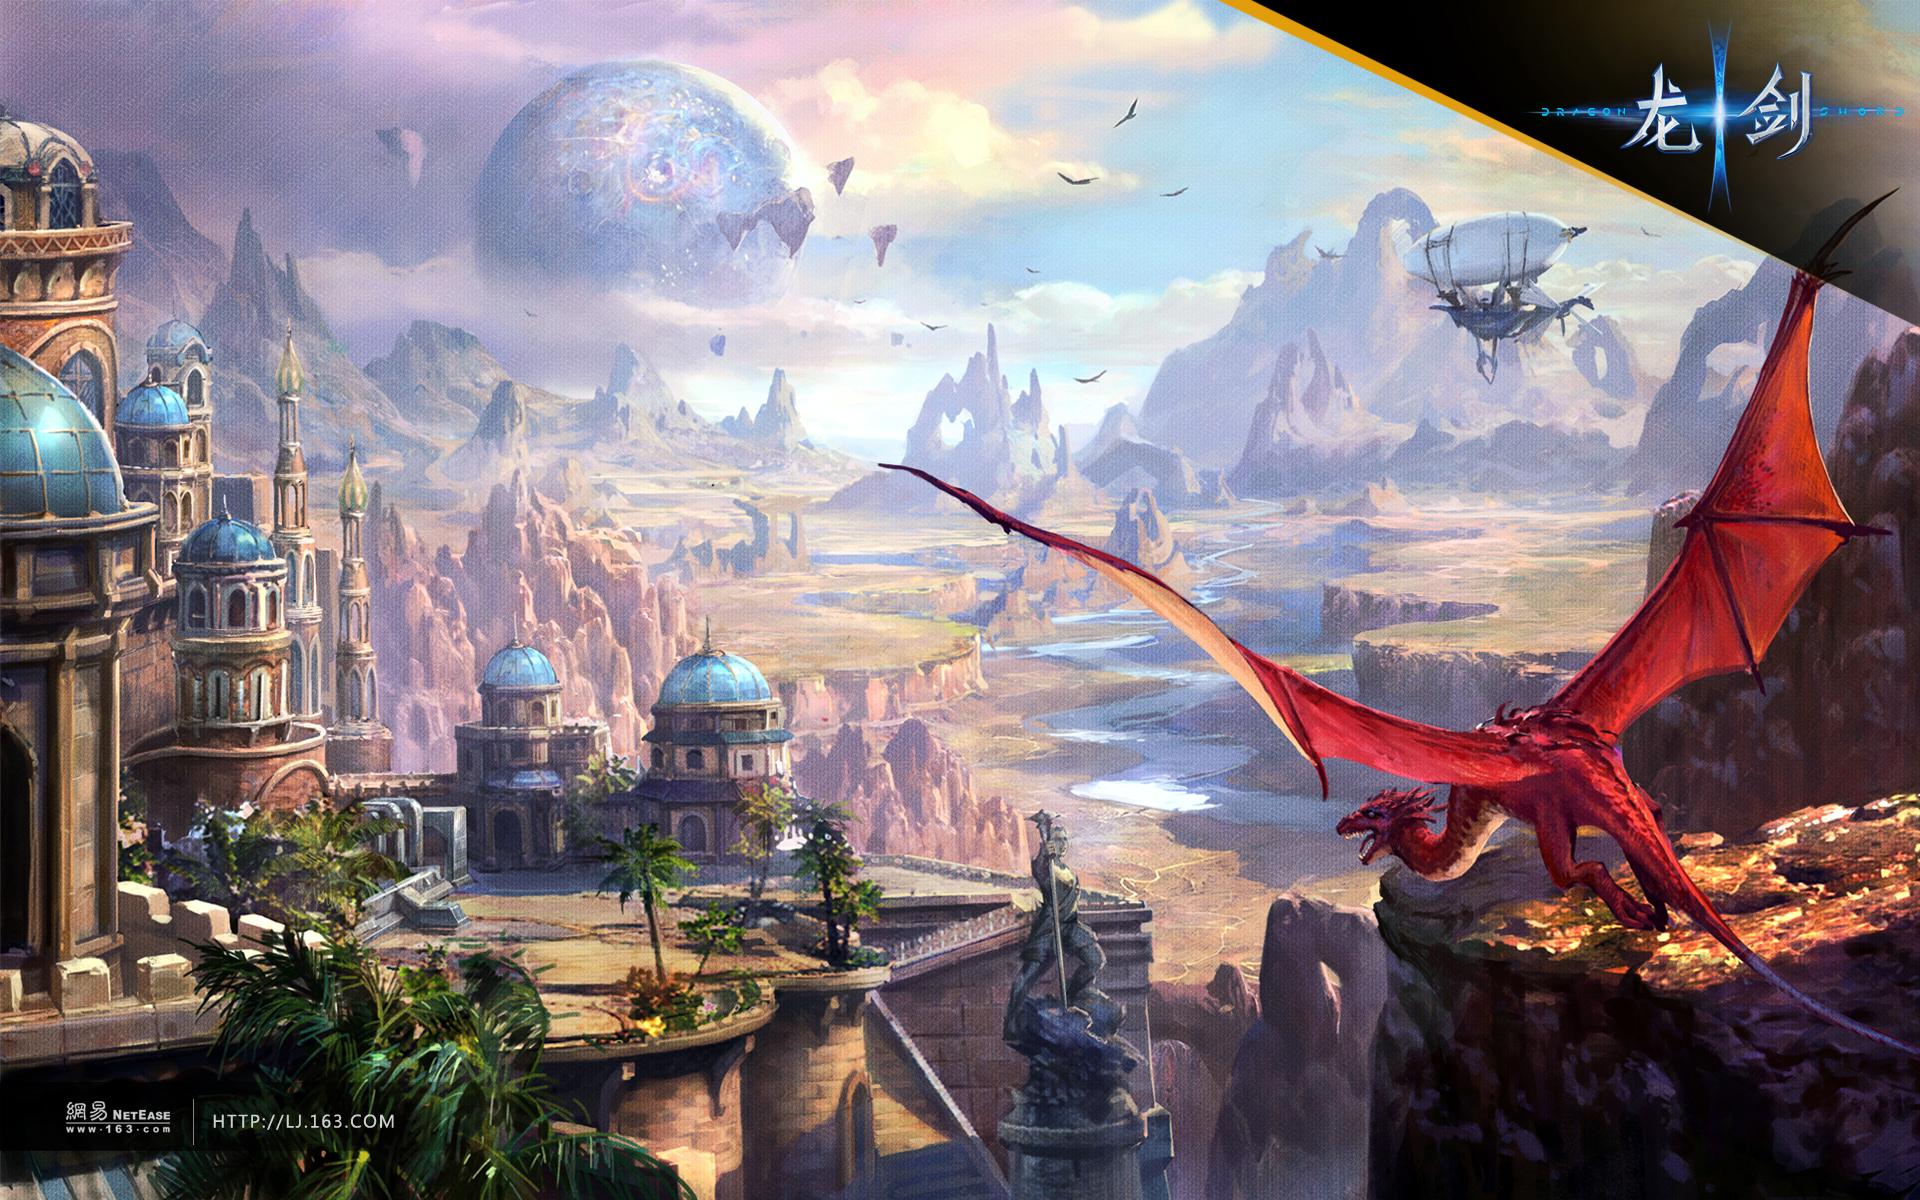 Ngắm phong cảnh tuyệt đẹp trong Long Kiếm - Ảnh 1